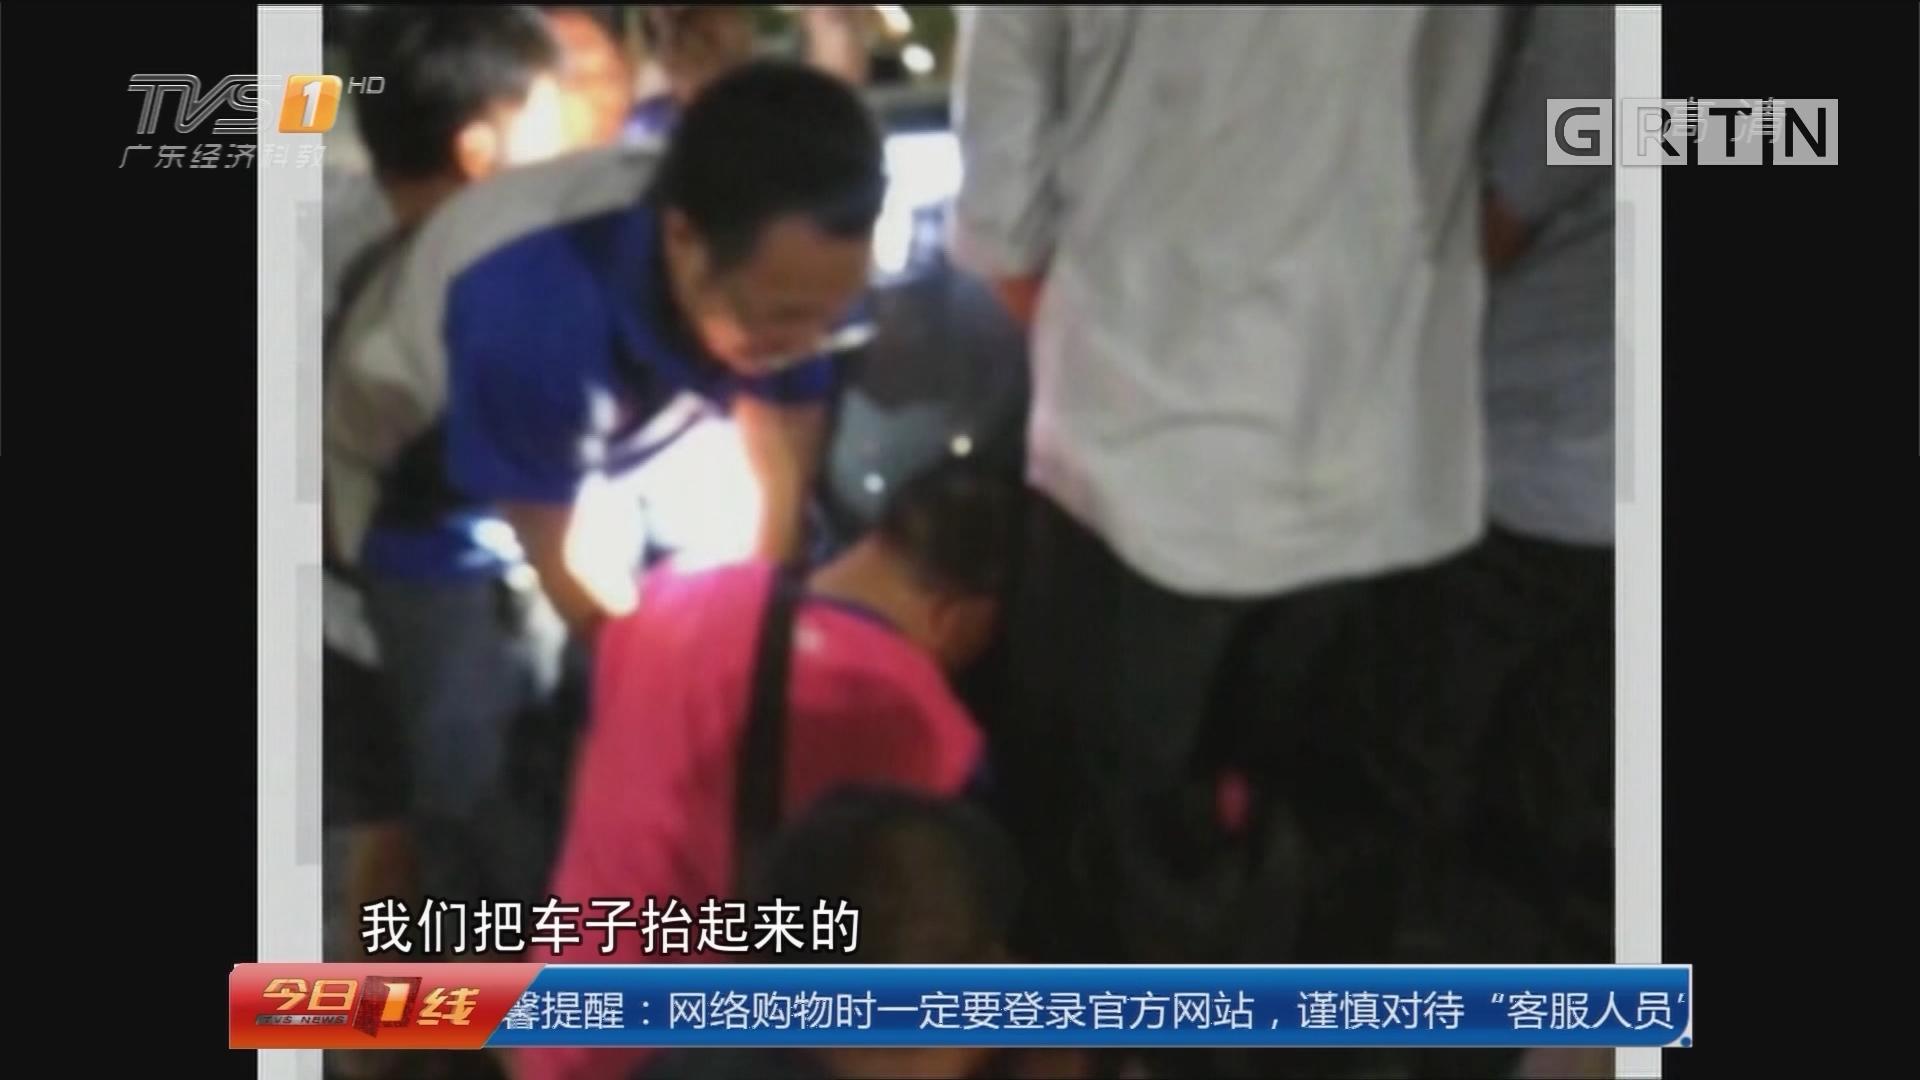 """系列专栏""""温度"""":深圳 男童被压车底 众街坊抬车救人"""